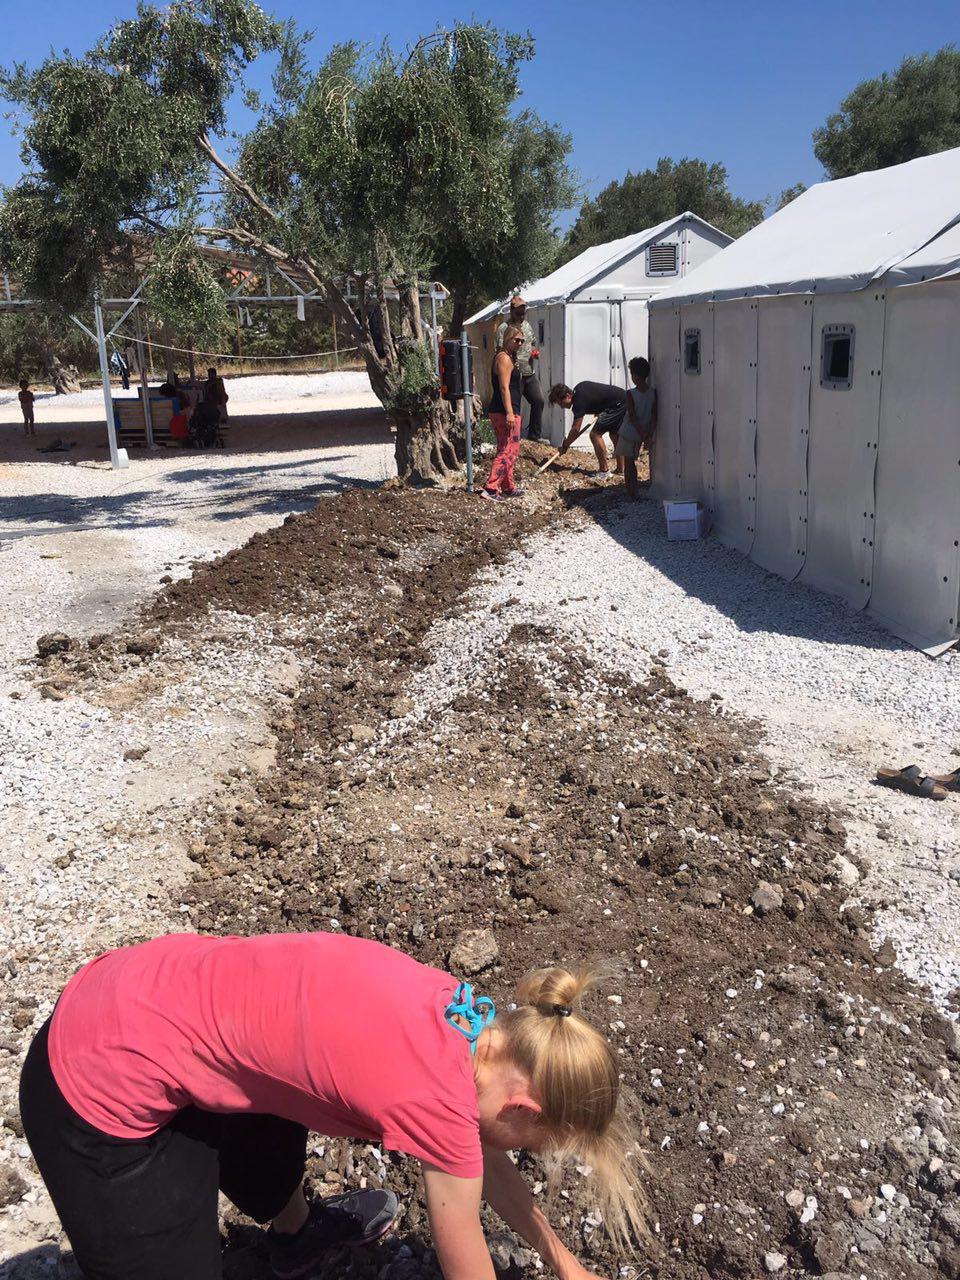 Harte körperliche Arbeit beim Graben der Kabelkanäle um die Zelte mit Strom zu versorgen